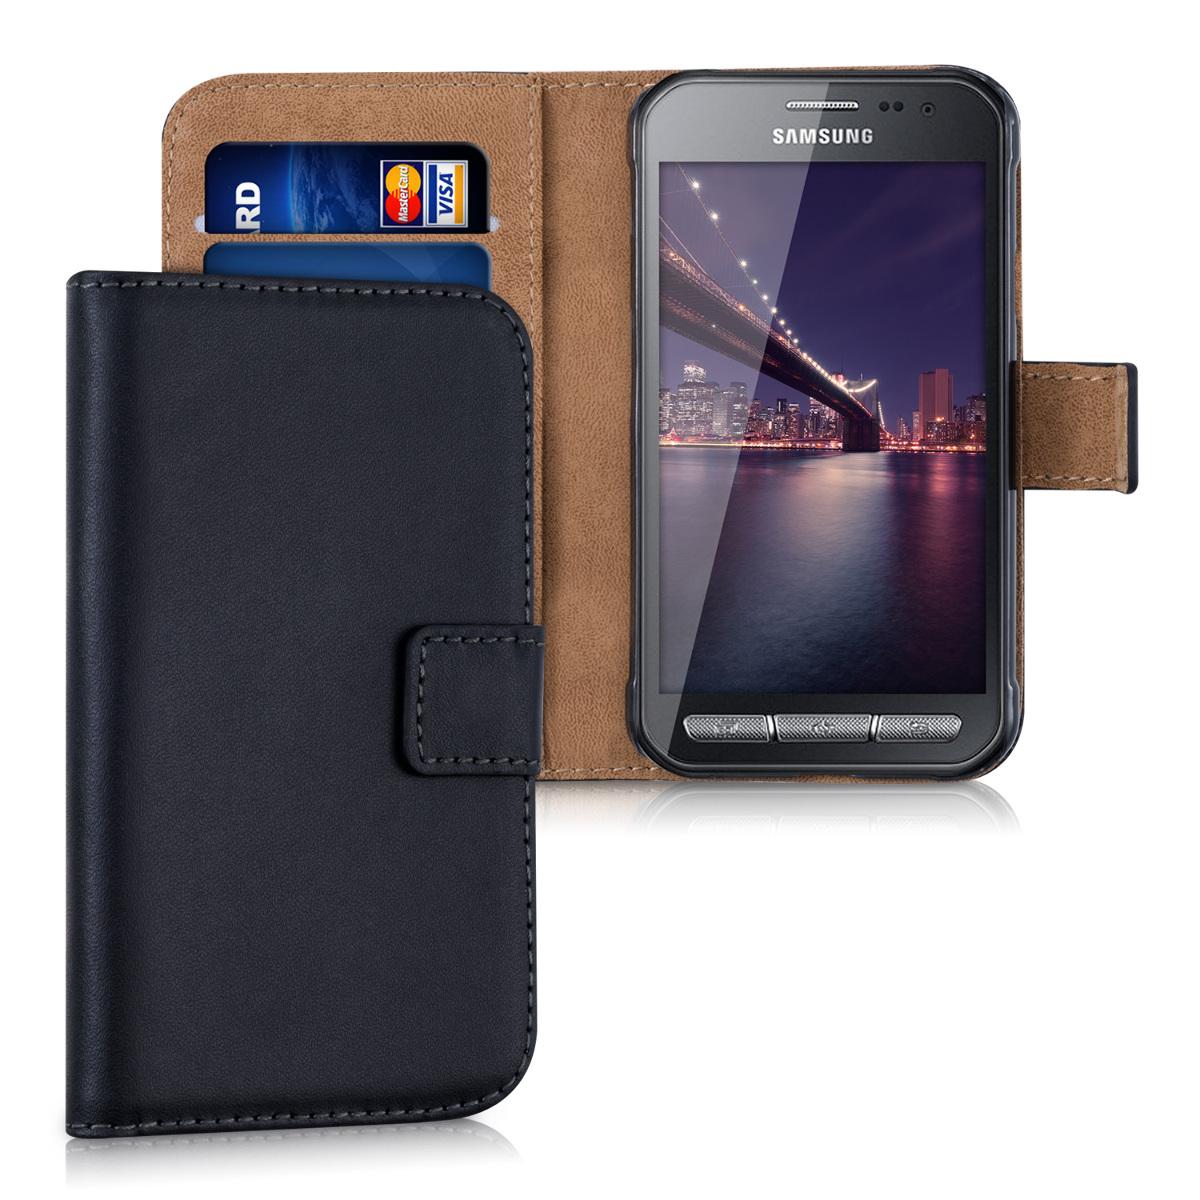 KW Θήκη Πορτοφόλι Samsung Galaxy Xcover 3 - Συνθετικό Δέρμα - Black / Brown (31506.01)